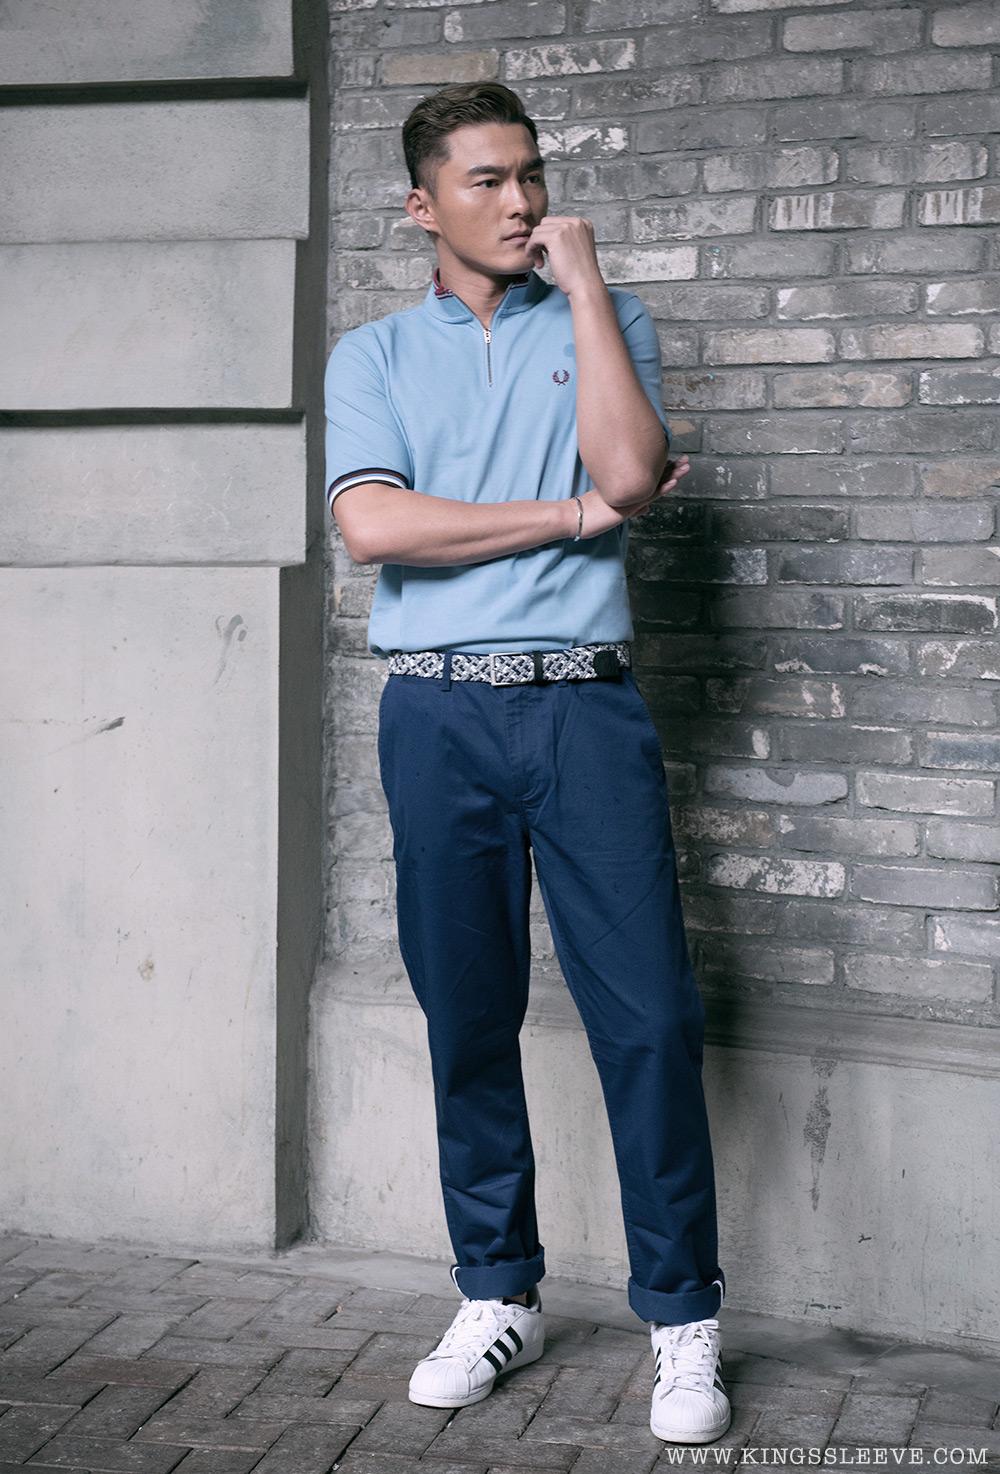 kingssleeve tvb actor Mat Yeung interview - Mat Yeung 杨明 反派之路,是演艺人生的转机!